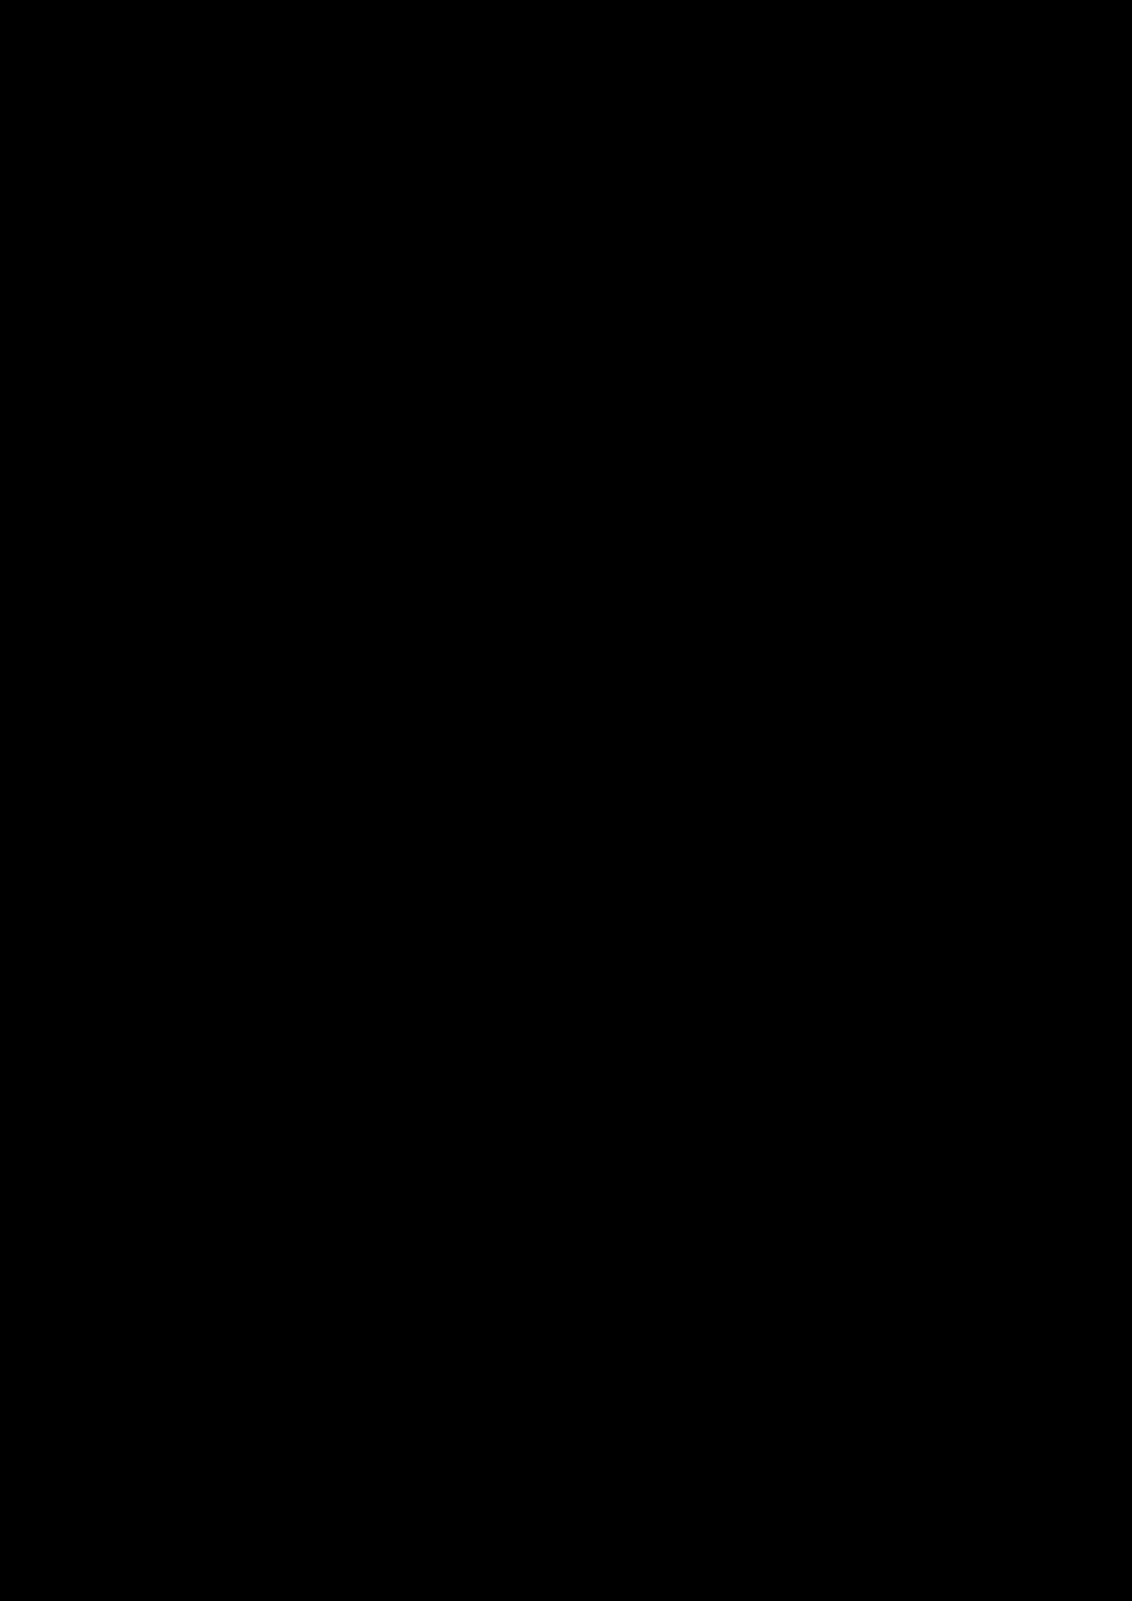 Hools slide, Image 18